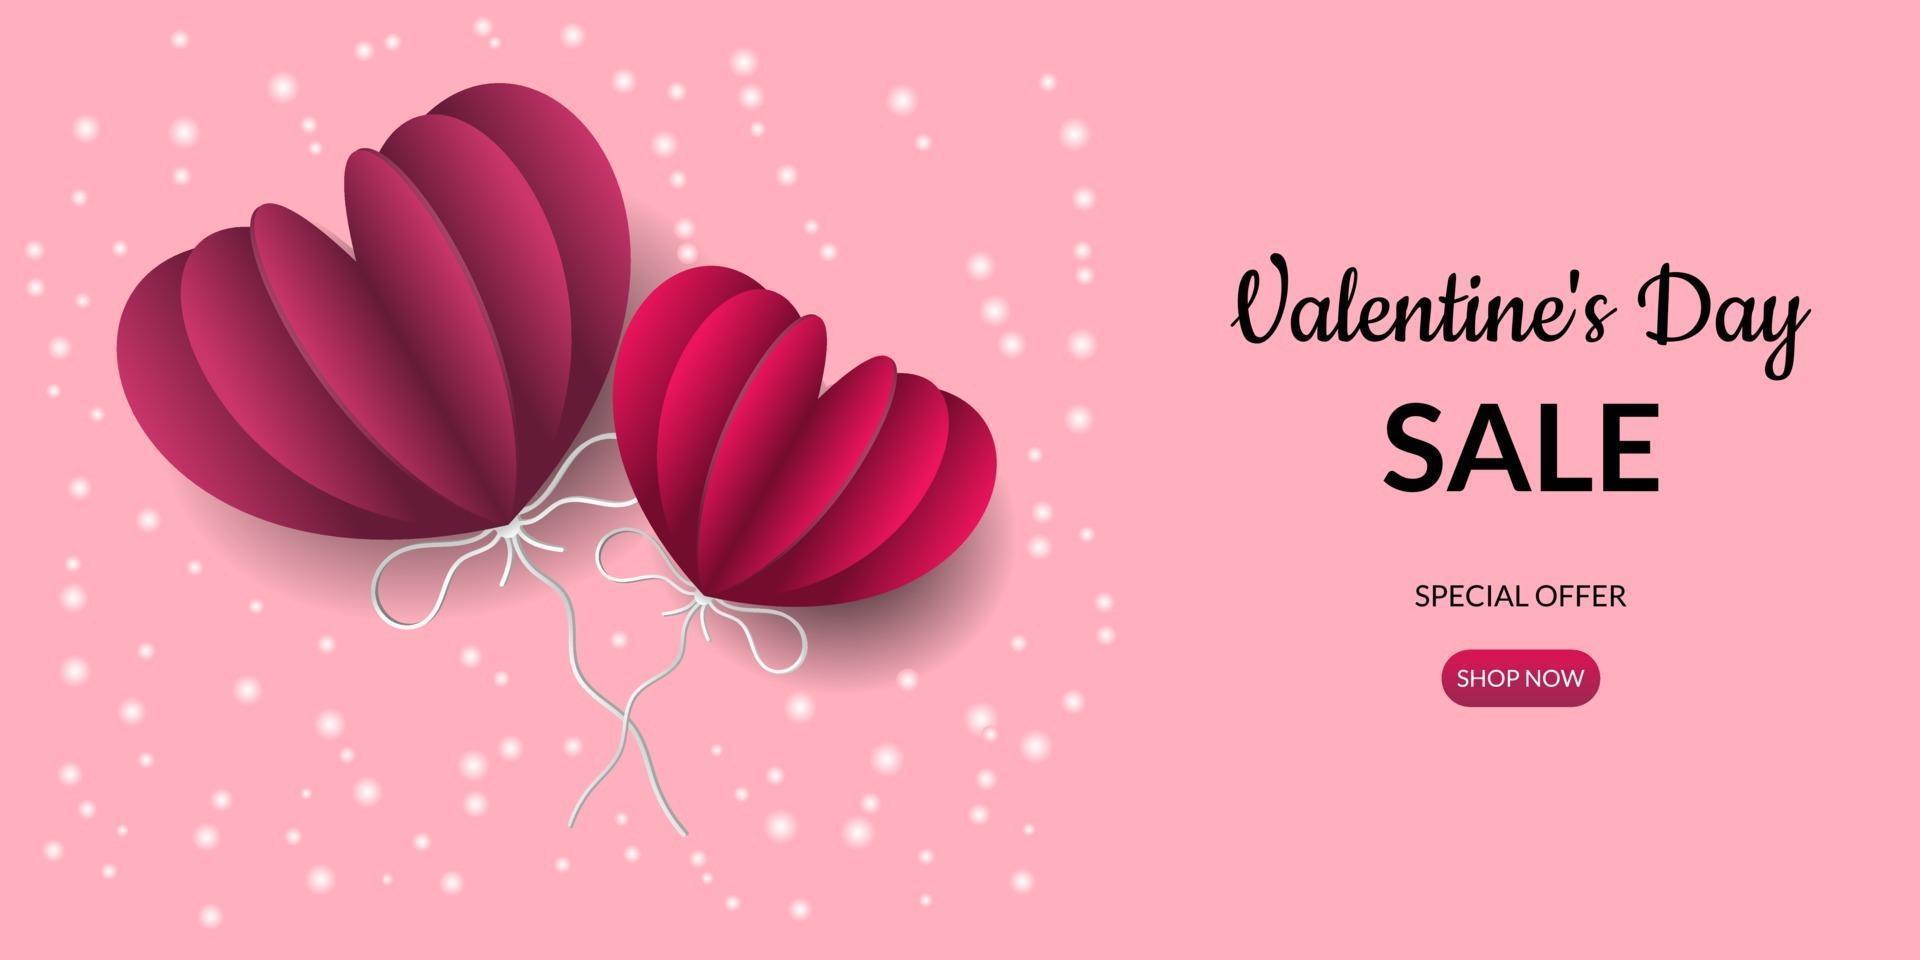 Alla hjärtans dag försäljning bakgrund med hjärtformade ballonger vektor